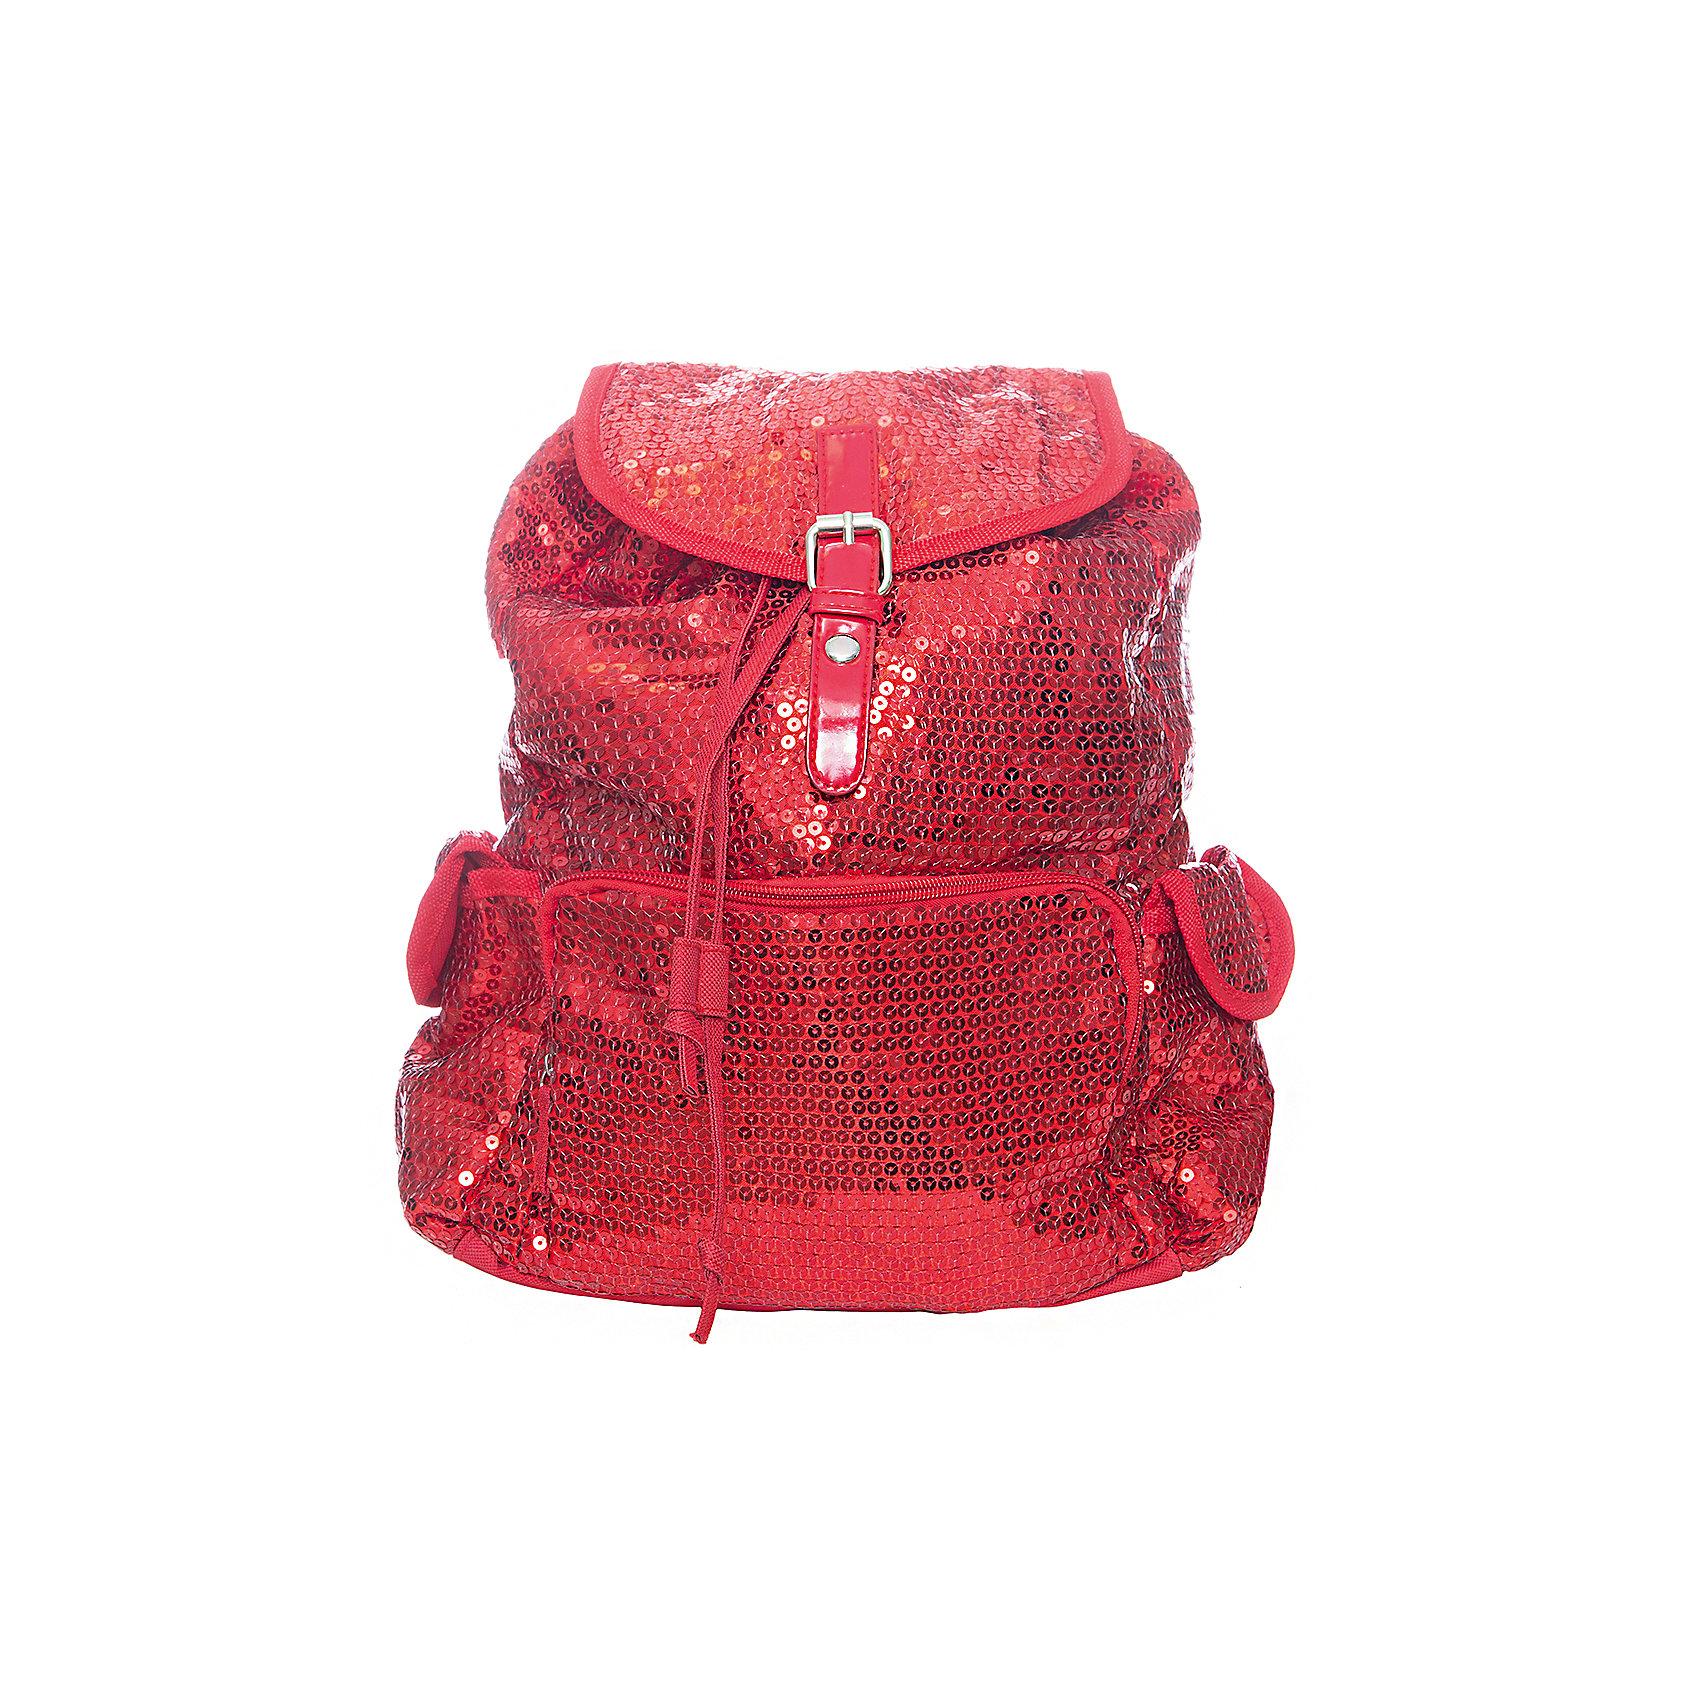 Красный рюкзак Fashion Style Super ModelРюкзаки<br>Красный рюкзак Fashion Style Super Model, Limpopo (Лимпопо)<br><br>Характеристики:<br><br>• вместительное отделение<br>• регулируемые лямки<br>• внешний карман<br>• два боковых кармана<br>• насыщенный цвет<br>• украшен пайетками<br>• материал: 100% полиэстер<br>• размер упаковки: 38х3х39 см<br>• вес: 583 грамма<br>• цвет: красный<br><br>Рюкзак Fashion Style Super Model создан специально для юных модниц. Он отличается модным дизайном: материал насыщенного красного цвета, украшенный блестящими пайетками никого не оставит равнодушным! Изделие имеет одно основное вместительное отделение, внешний карман и два боковых кармана. Надёжная застежка-ремешок предотвратит потерю вещей. Лямки рюкзака регулируются по росту ребёнка. Рюкзак изготовлен из прочного полиэстера.<br><br>Красный рюкзак Fashion Style Super Model, Limpopo (Лимпопо) можно купить в нашем интернет-магазине.<br><br>Ширина мм: 390<br>Глубина мм: 30<br>Высота мм: 380<br>Вес г: 583<br>Возраст от месяцев: 84<br>Возраст до месяцев: 216<br>Пол: Женский<br>Возраст: Детский<br>SKU: 5390347